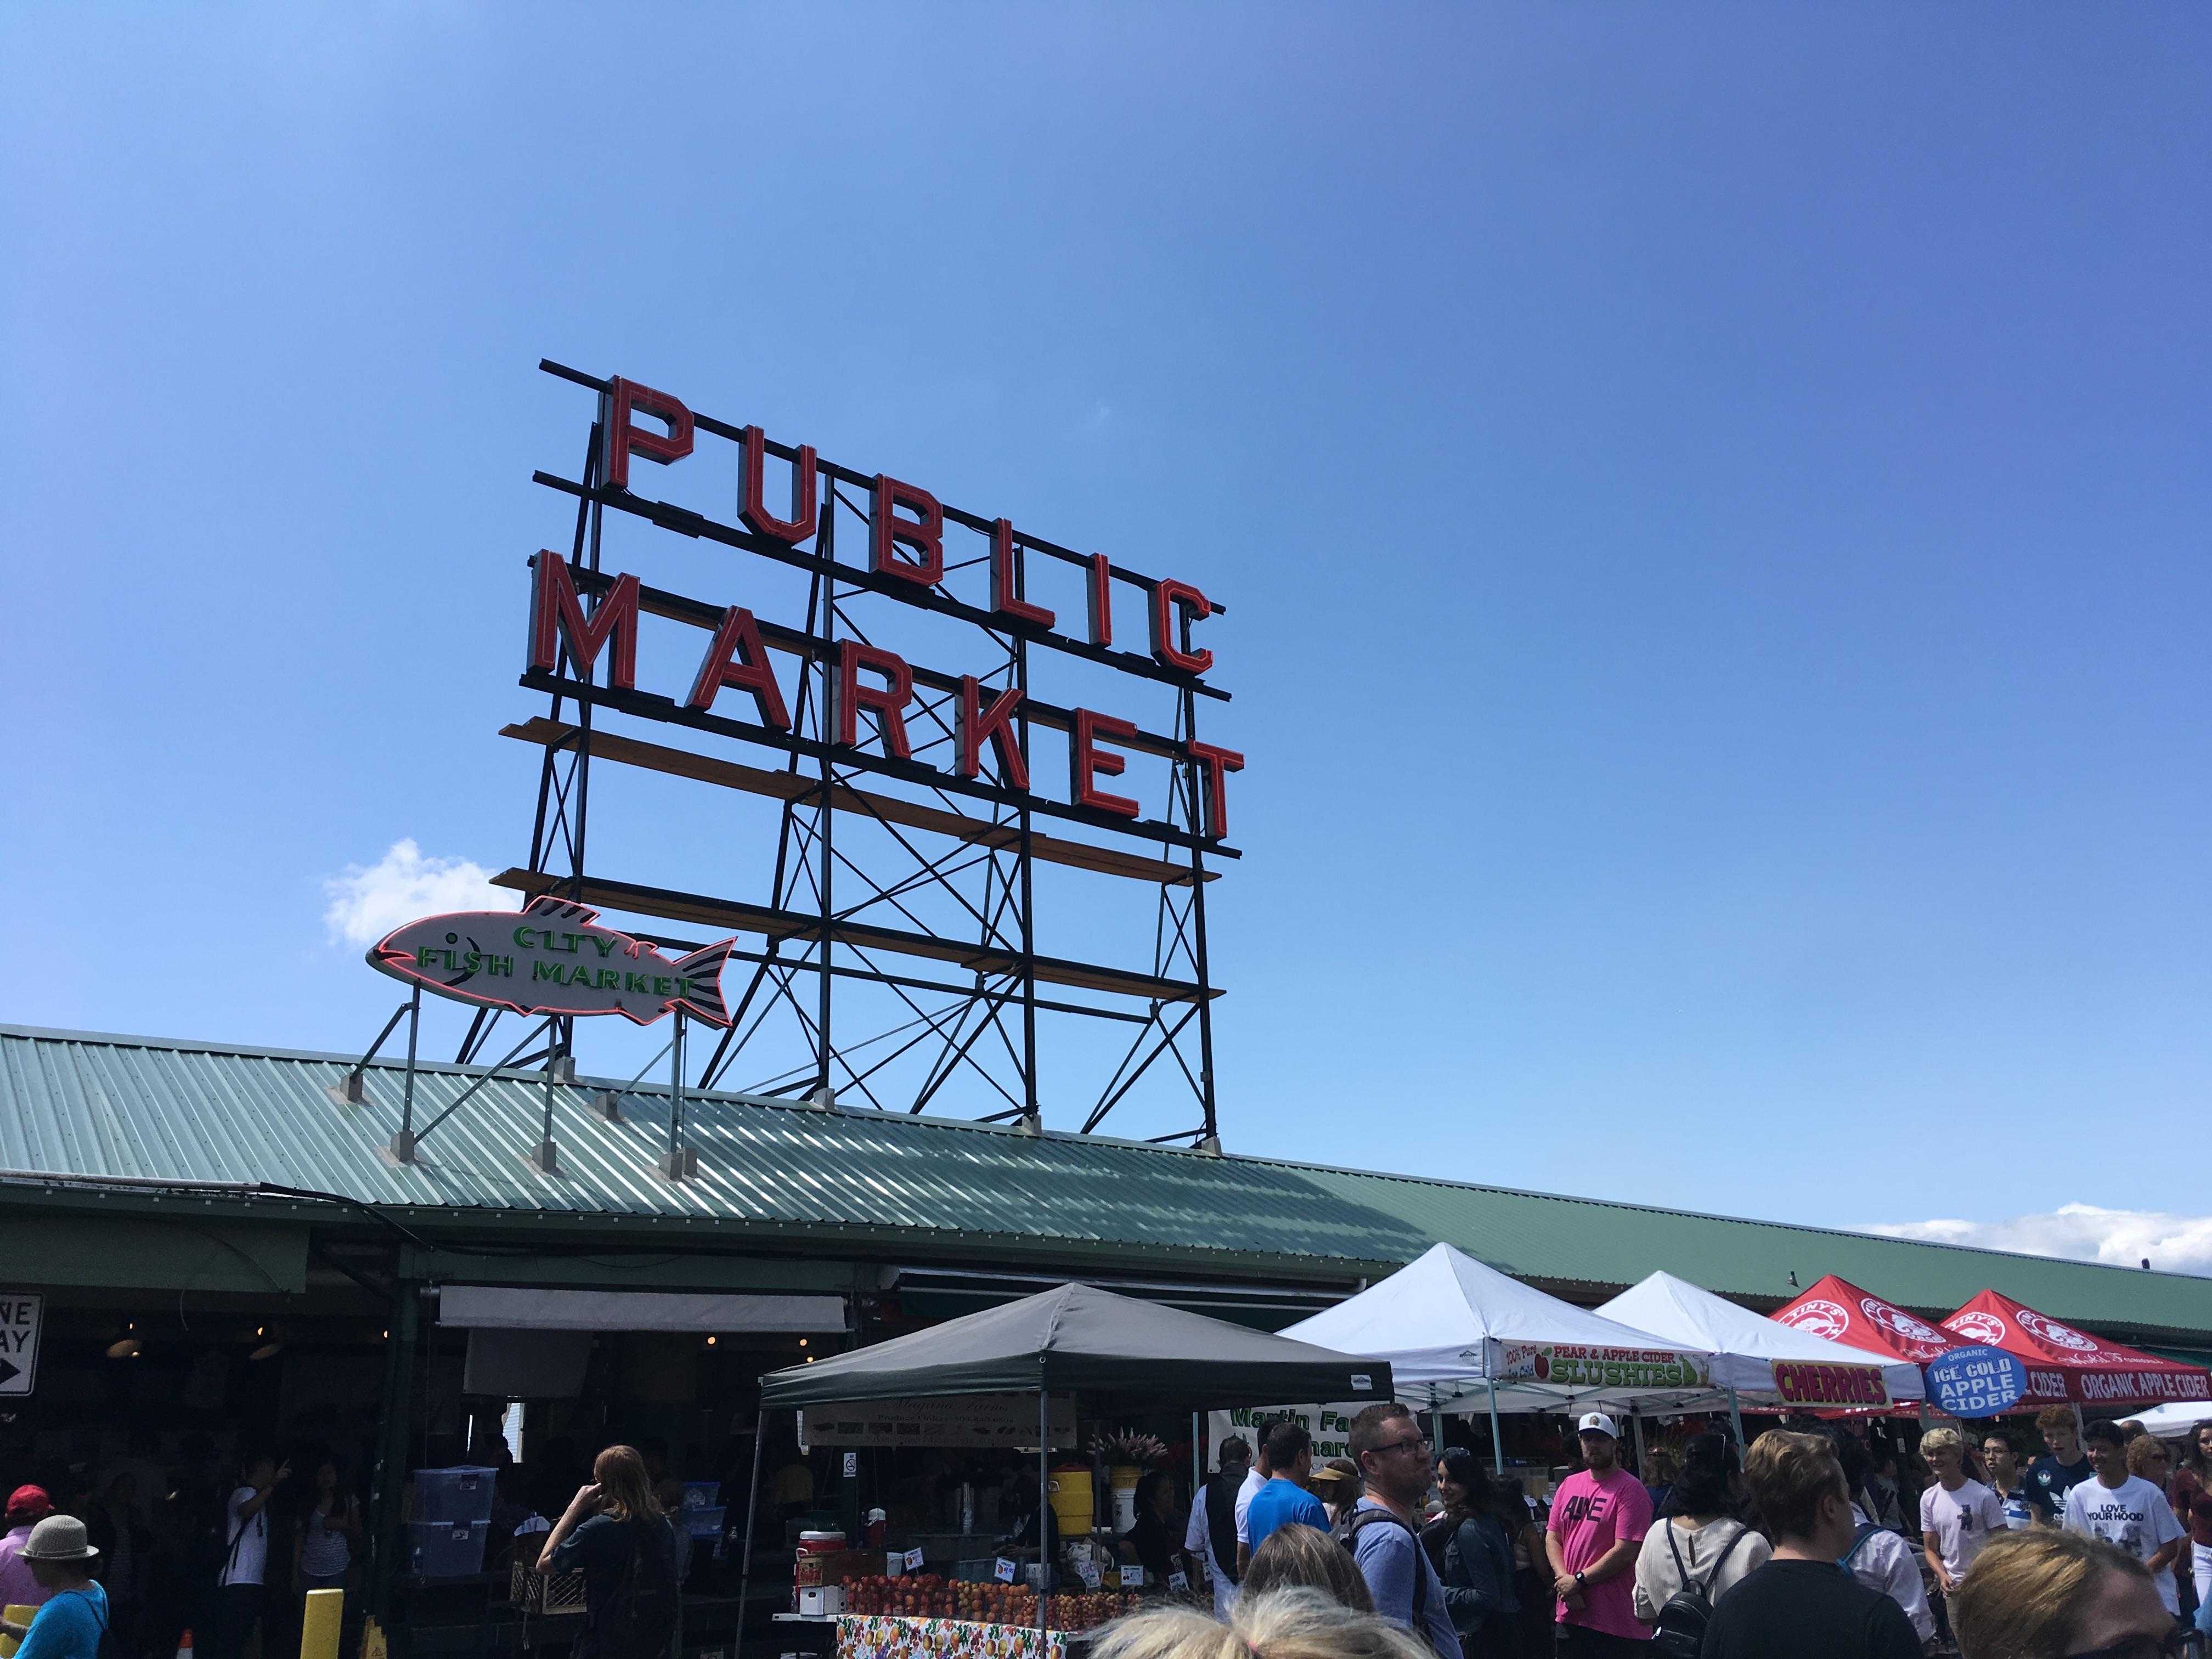 シアトルの観光名所、パイクプレイスマーケット